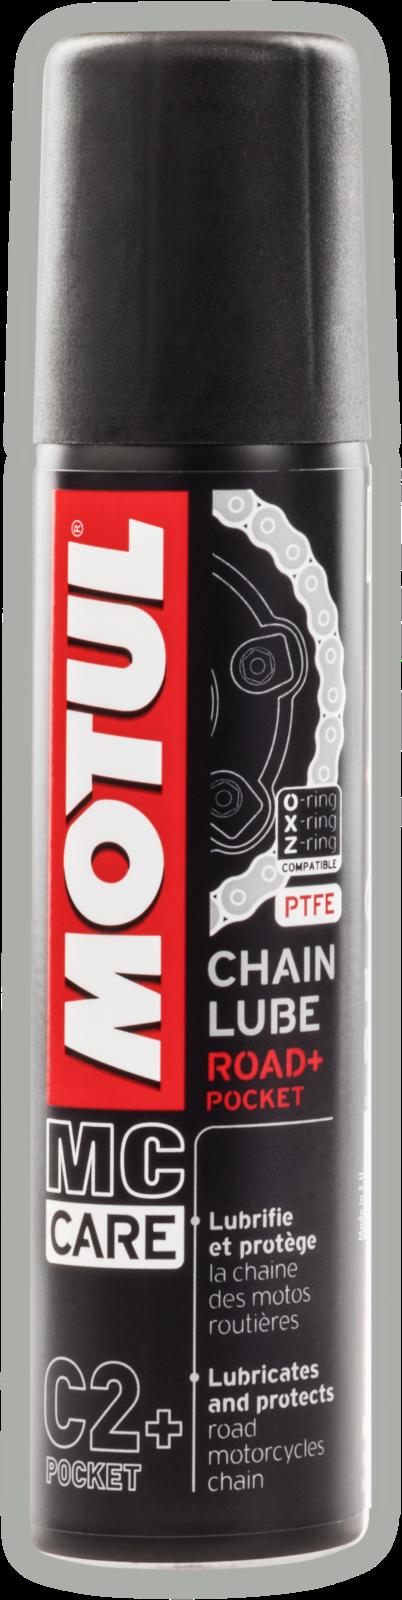 MOTUL AG MOTUL C2+ Chain Lube Road Plus 0,1L